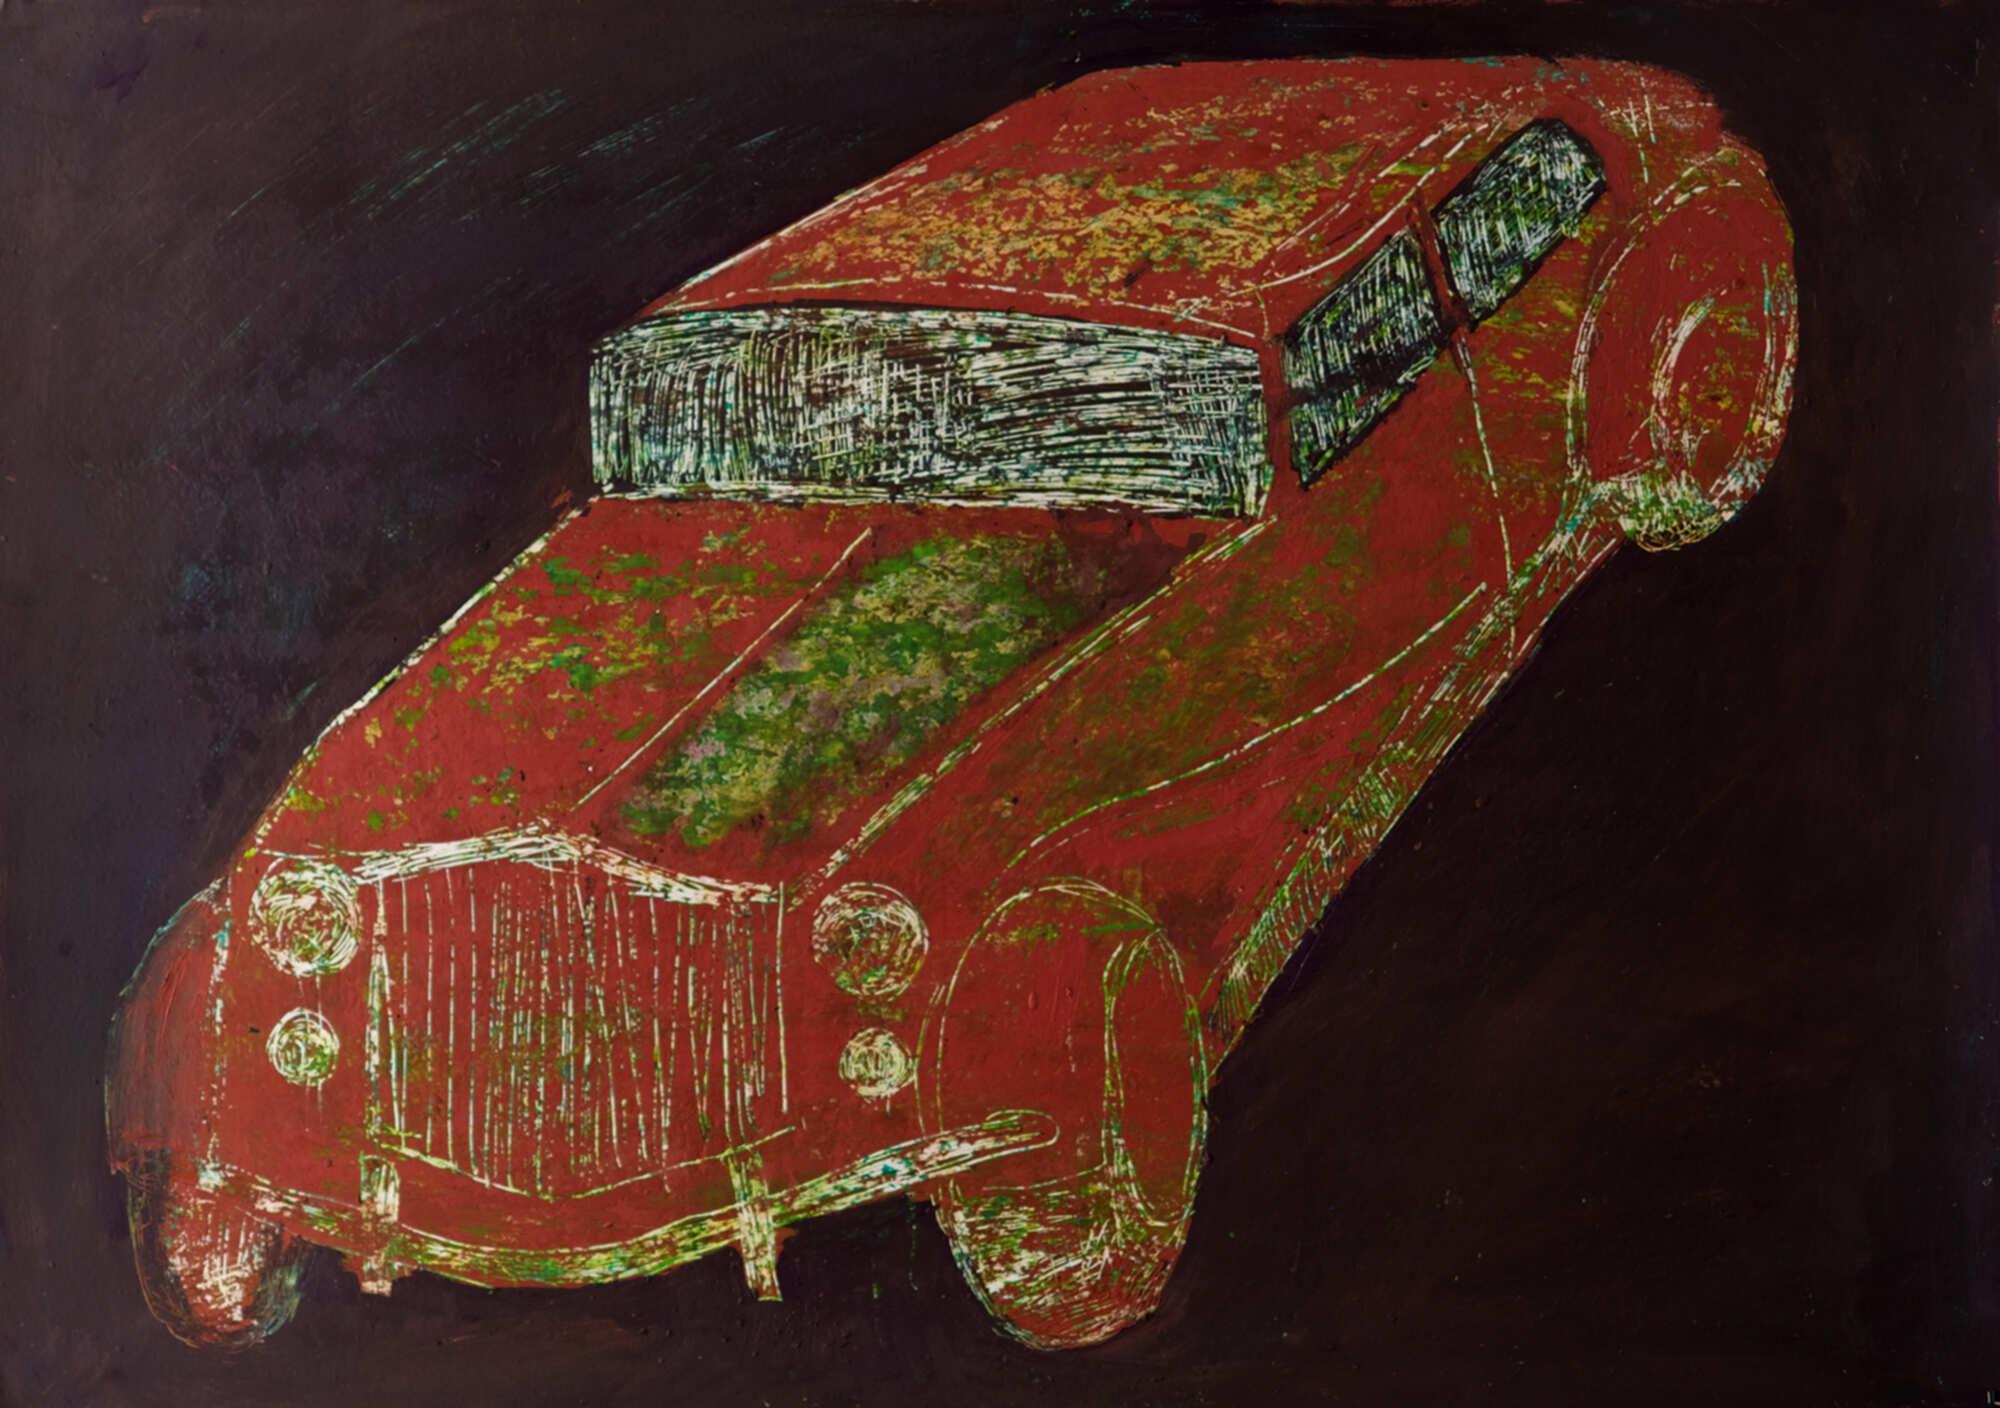 Современная графика с изображением машины